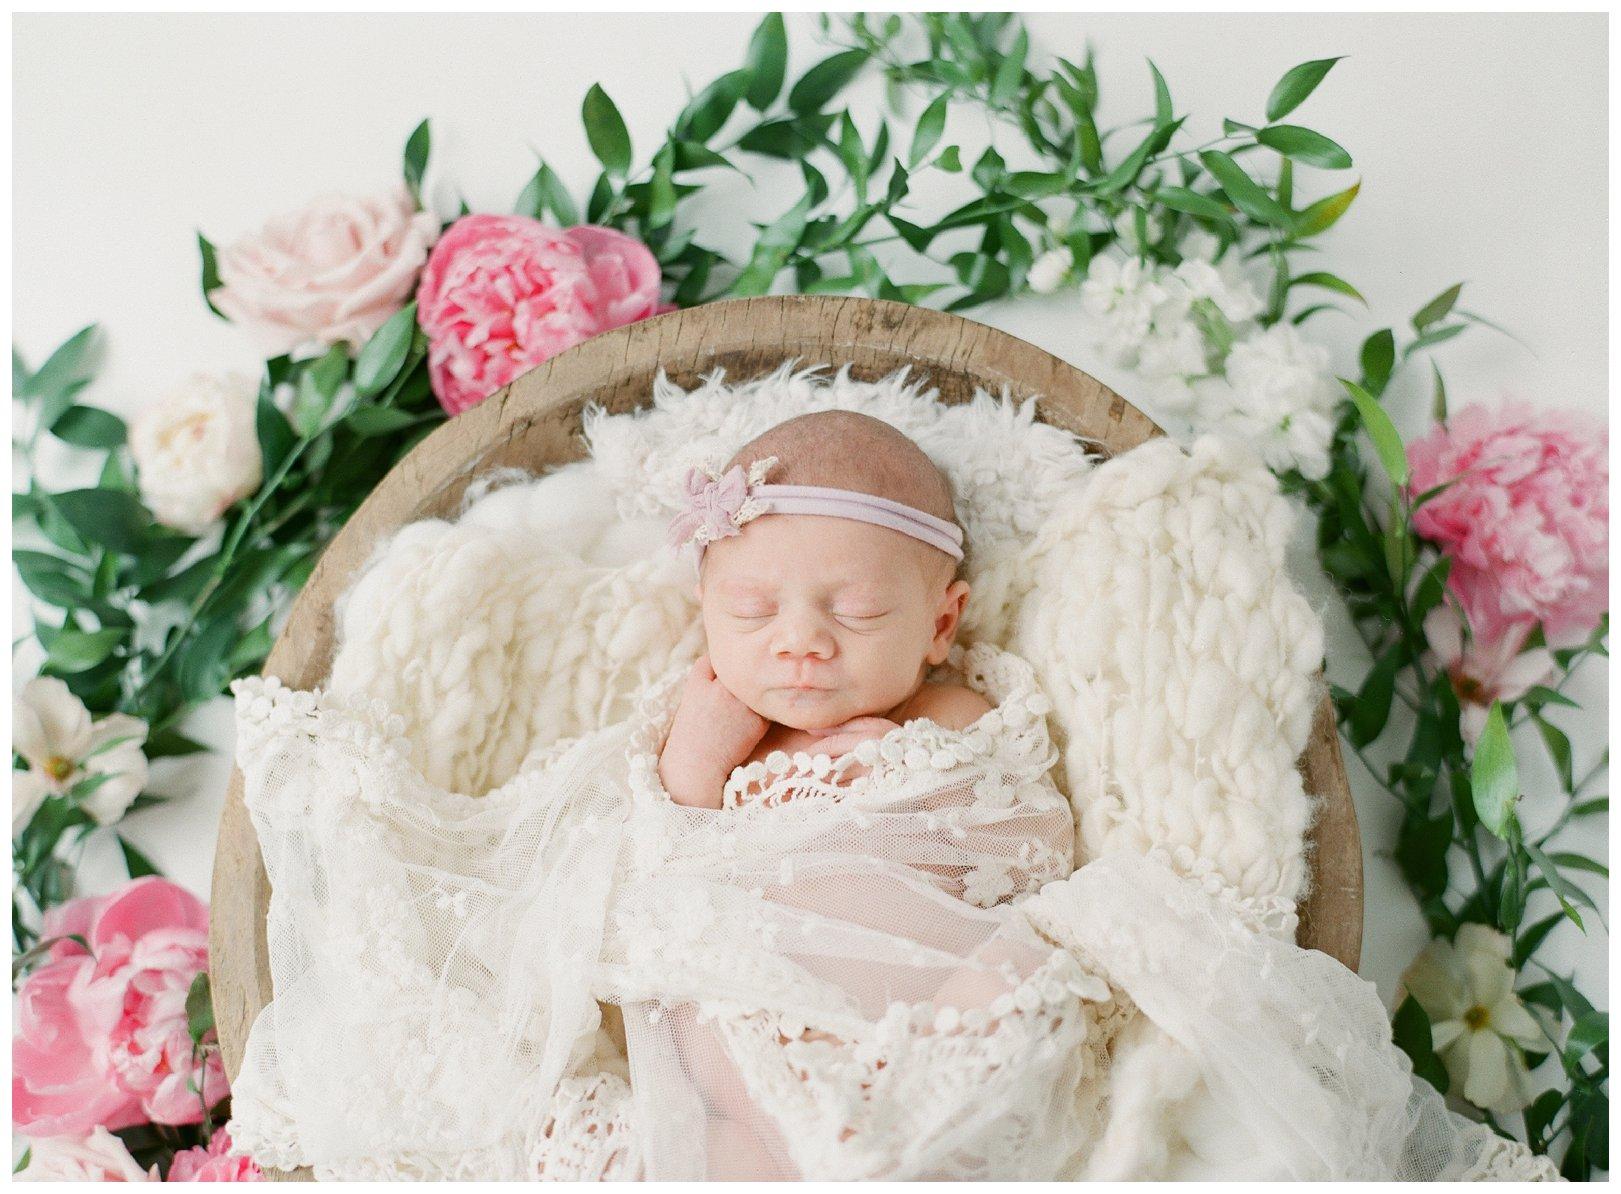 lauren muckler photography_fine art film wedding photography_st louis_photography_2655.jpg